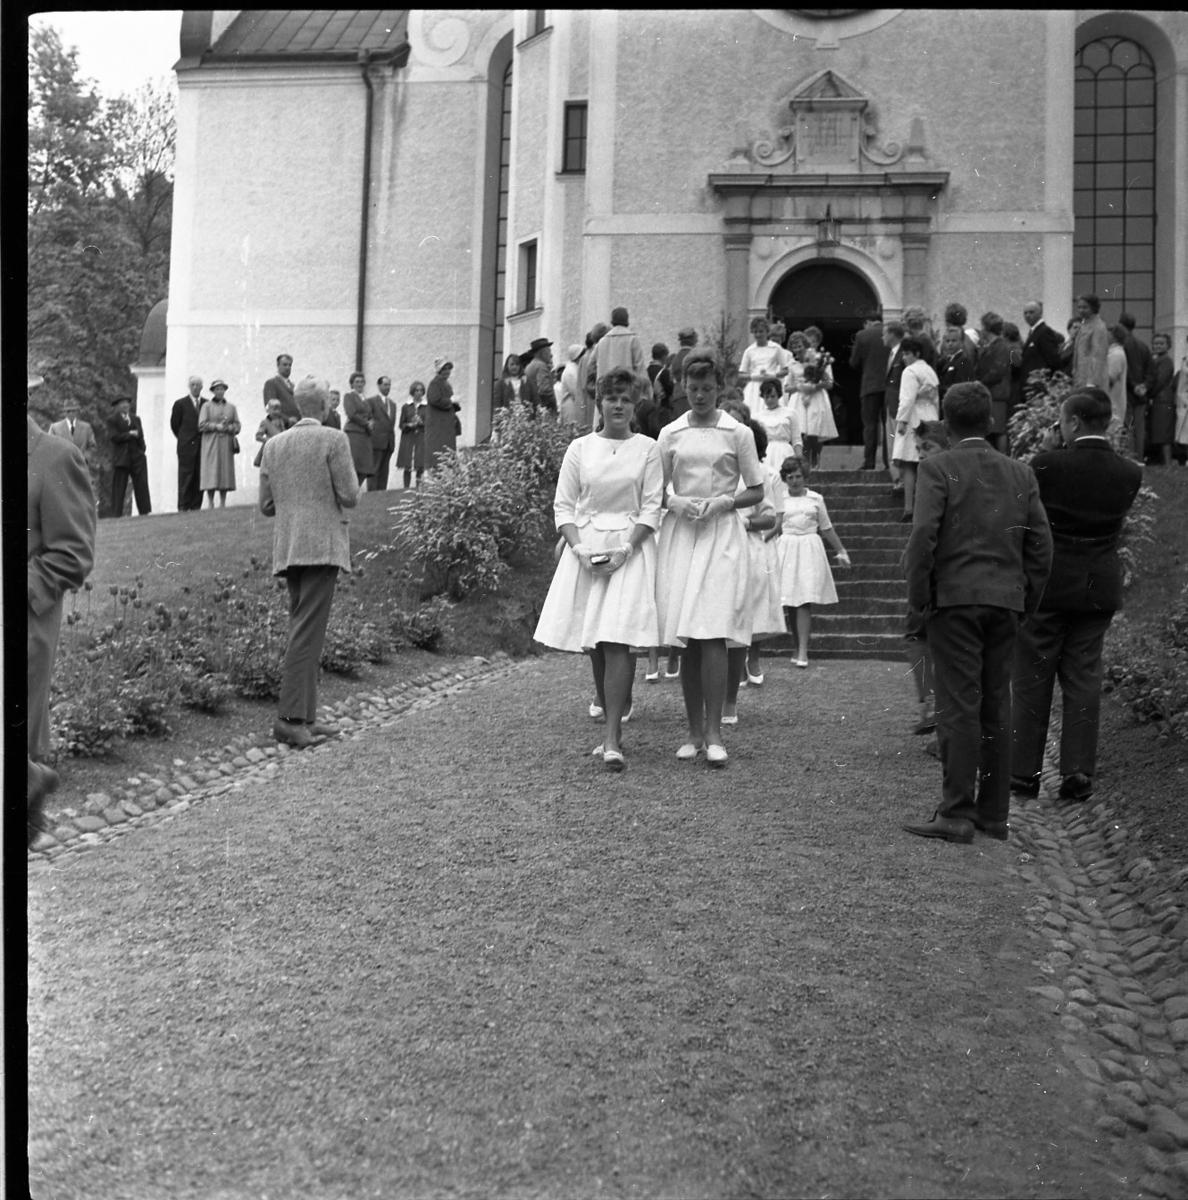 Kvinnliga konfirmander på väg ut ur Gränna kyrka. Deras väg kantas av barn och vuxna.